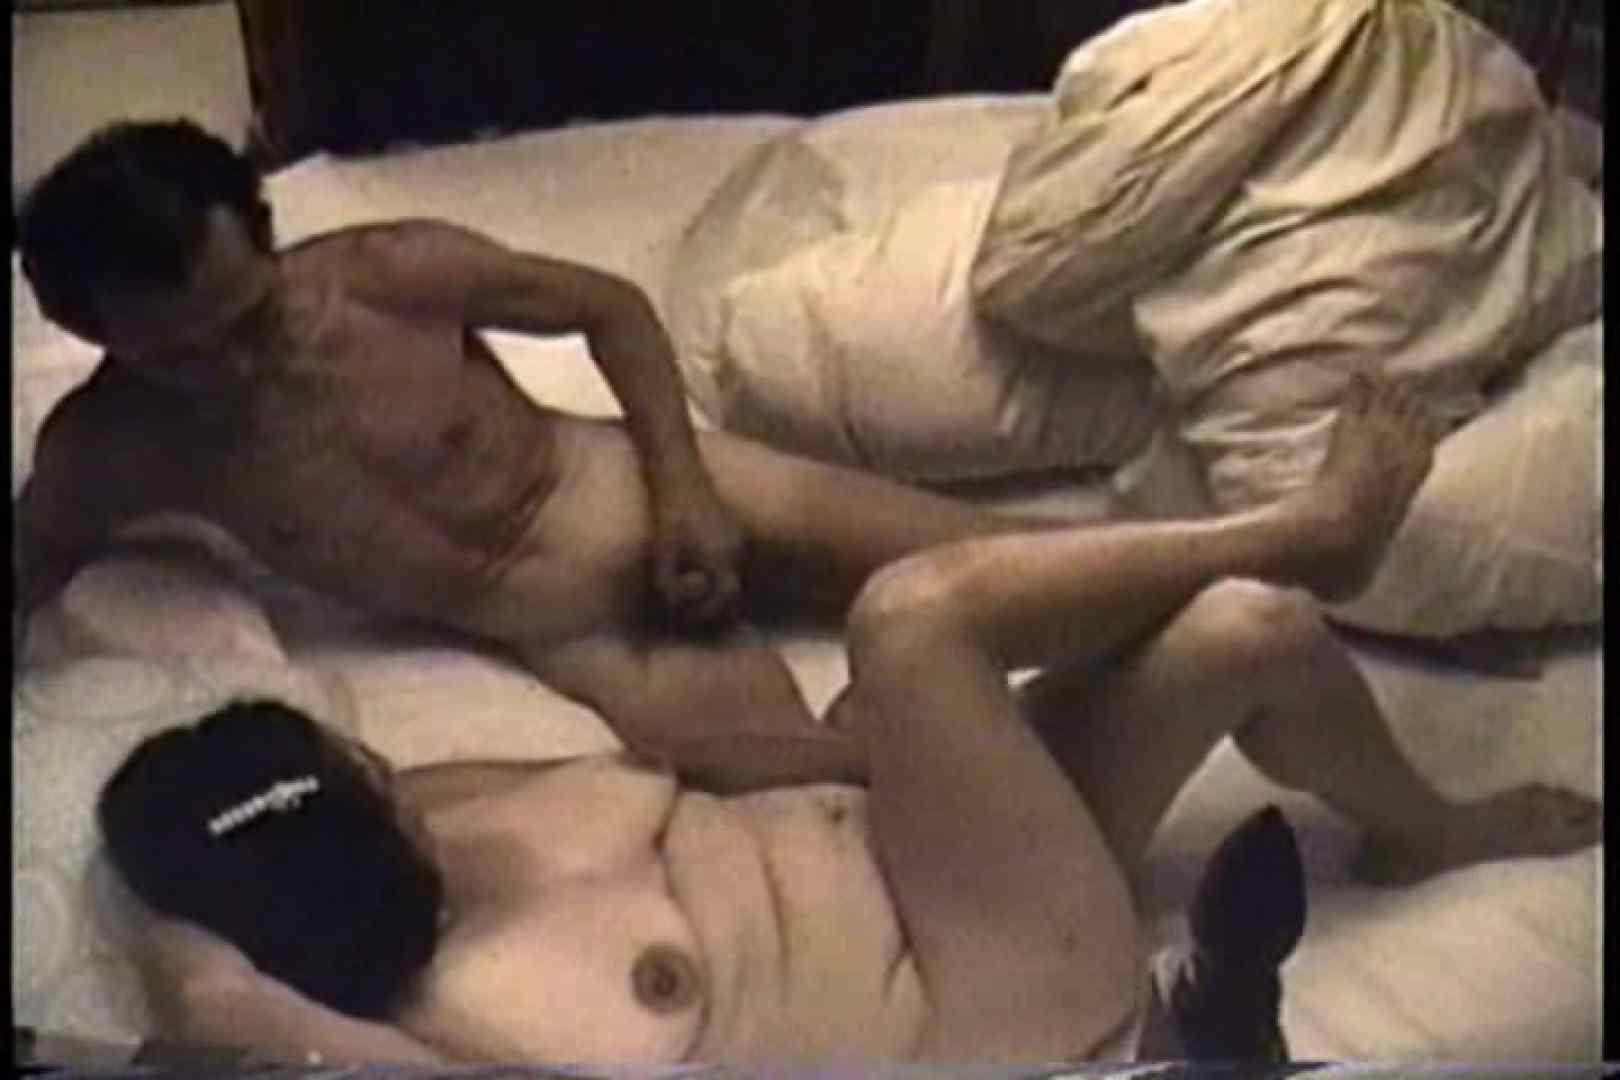 実録!ラブホテル~消し忘れ注意!昭和の色編~ vol.27 クンニ セックス無修正動画無料 98PIX 94